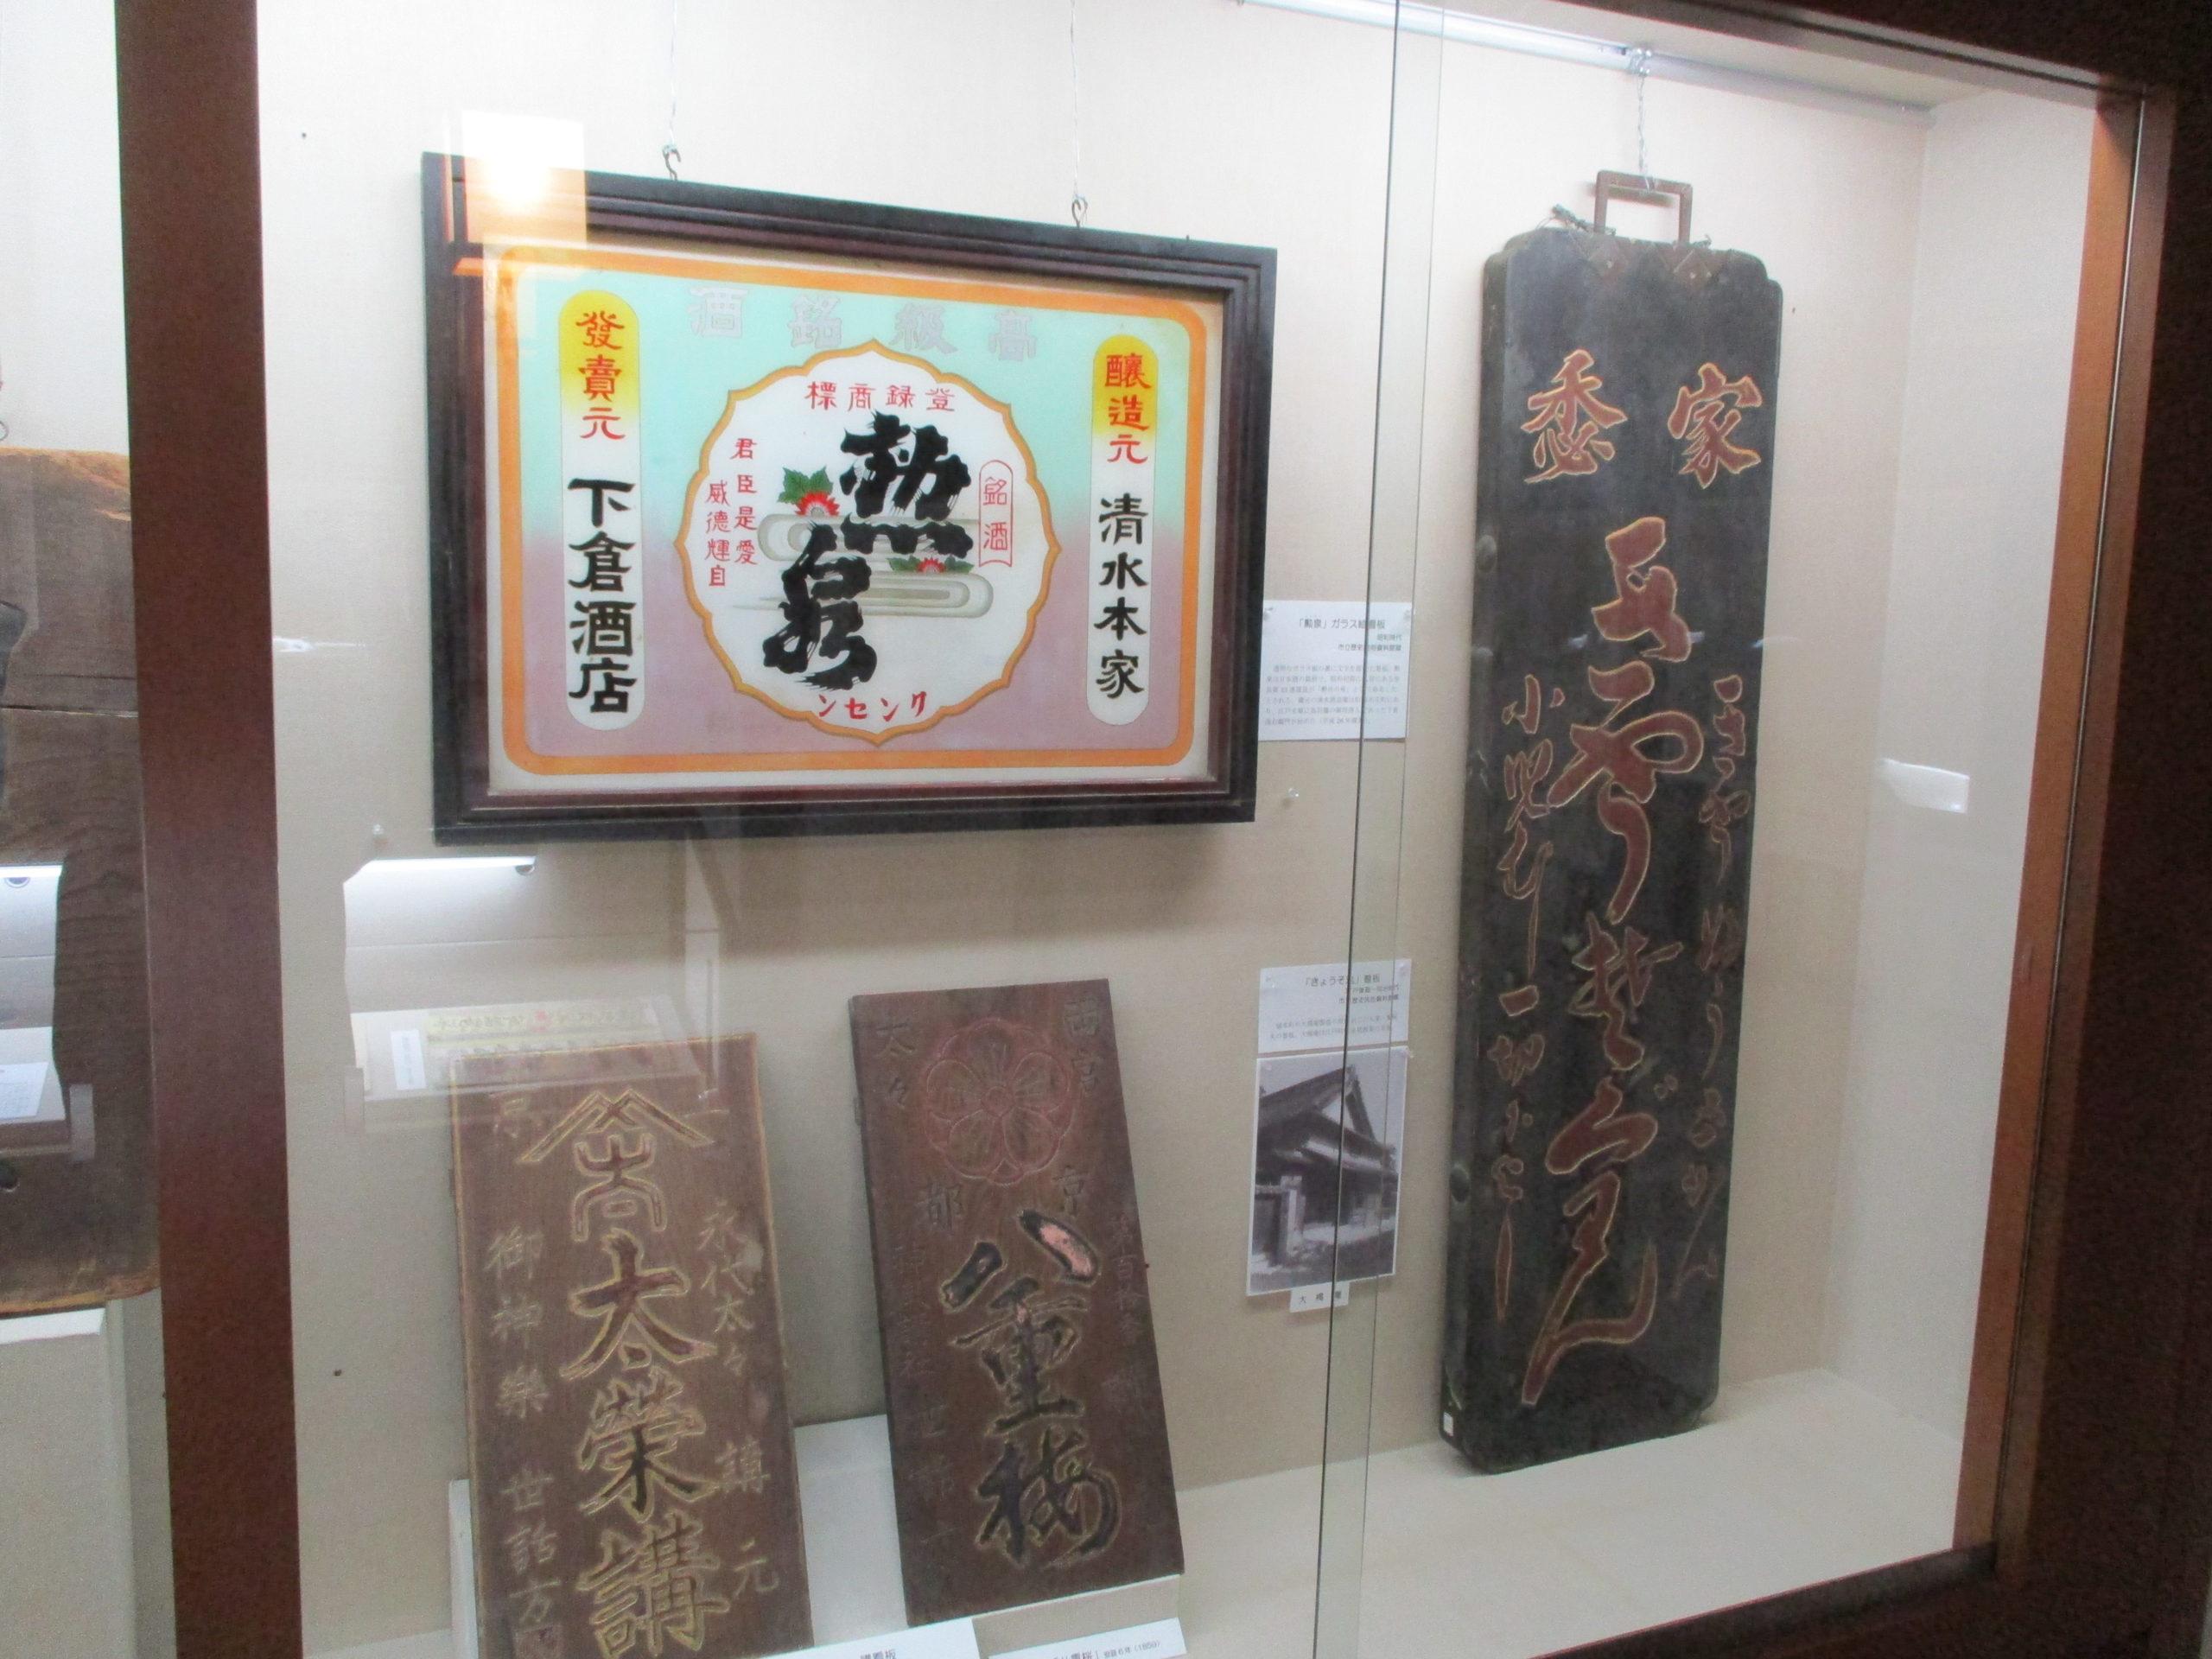 令和3年4月7日(水)~7月11日(土)「商家の広告」旧小津清左衛門家企画展示